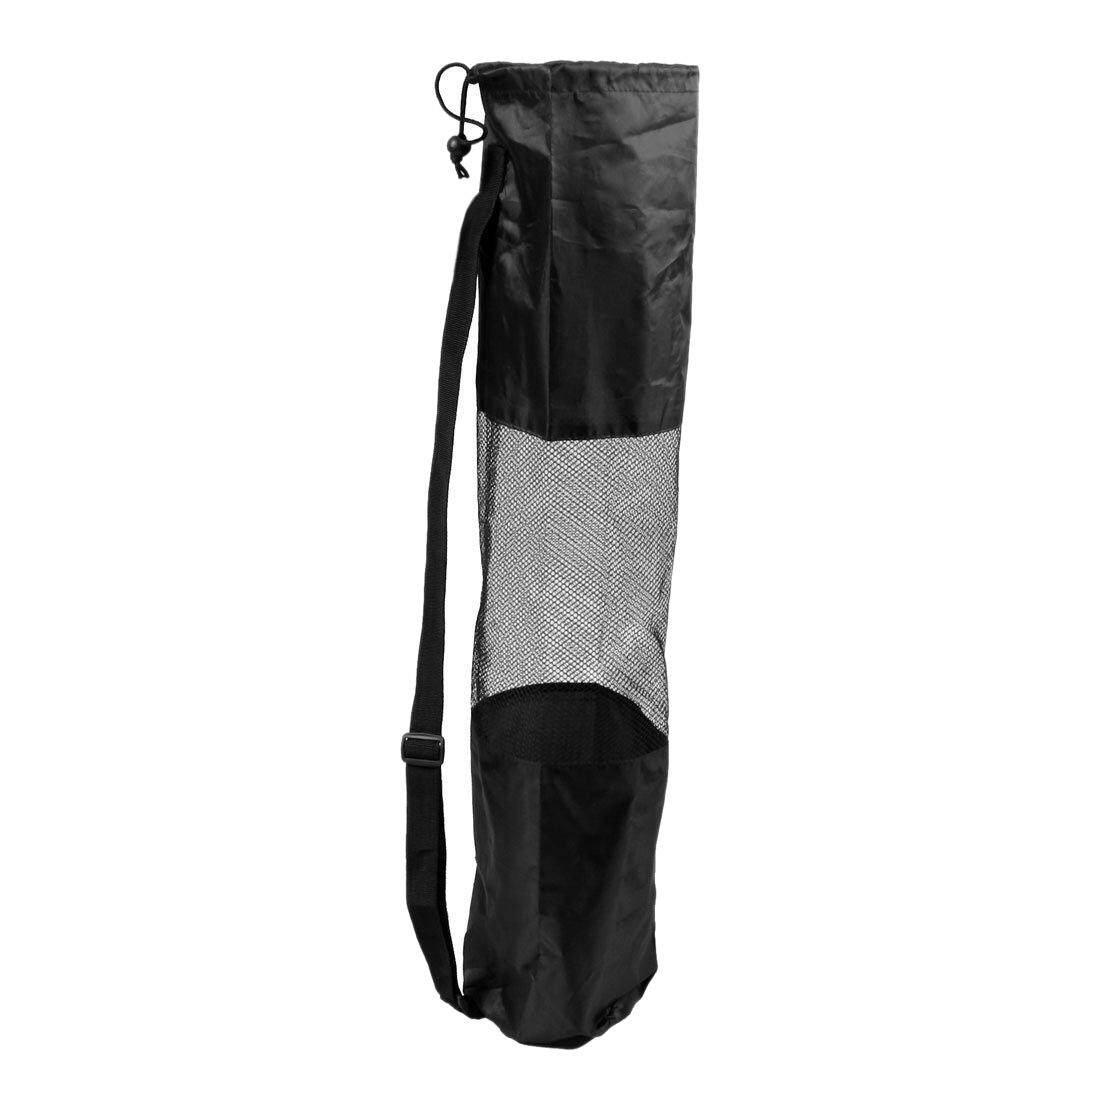 Portable Mesh Center Black Pilates Mat Bag Carrier For Yoga.